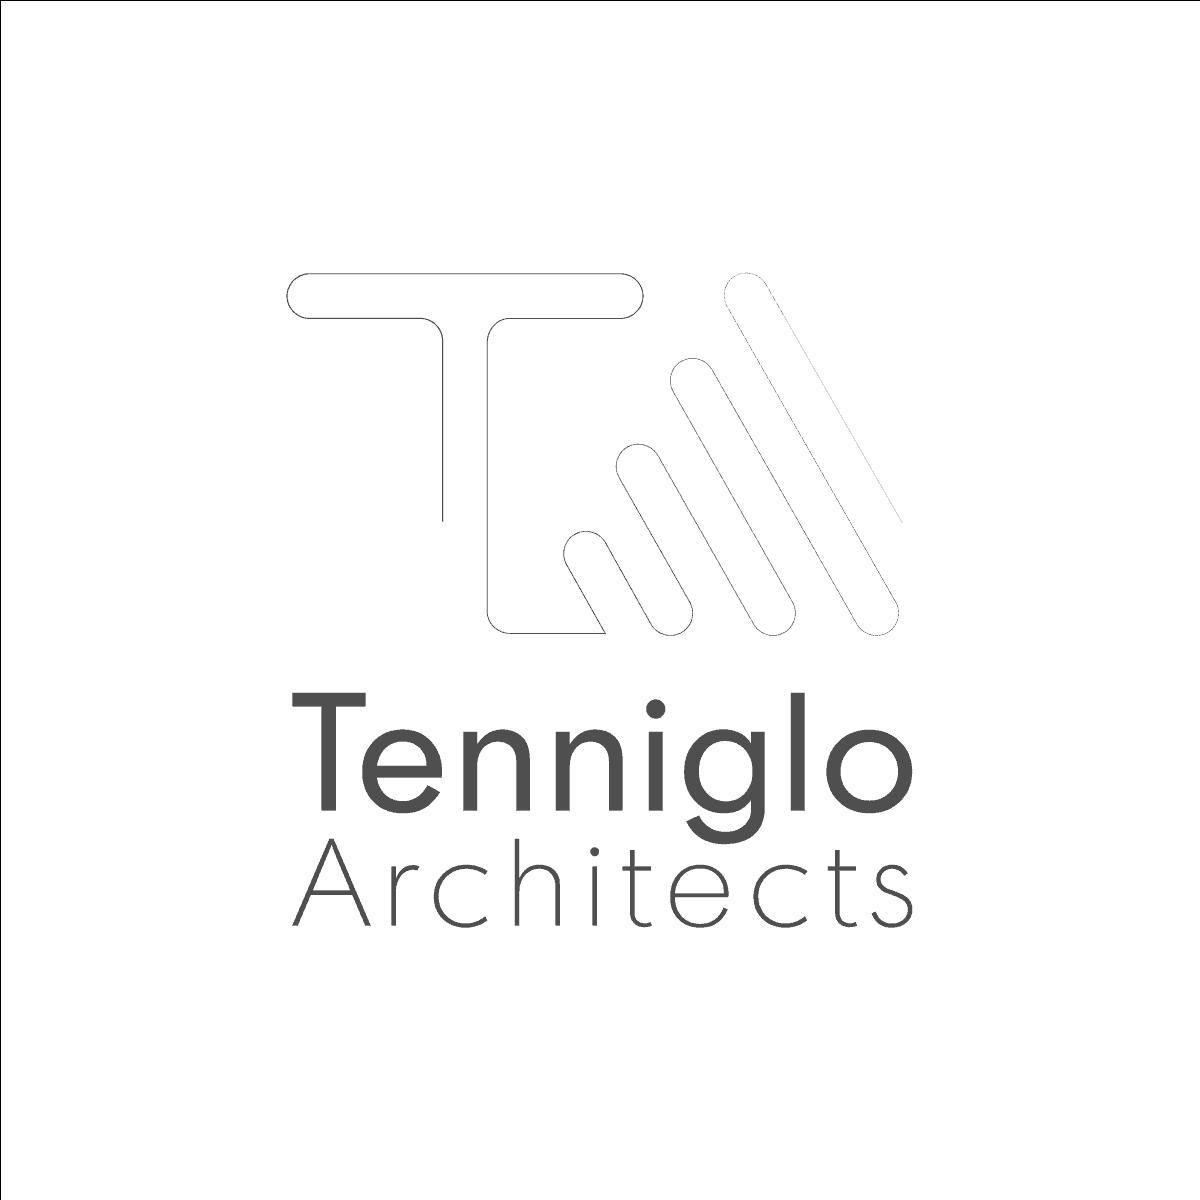 logo-ontwerp-tenniglo-architects-burobedenkt